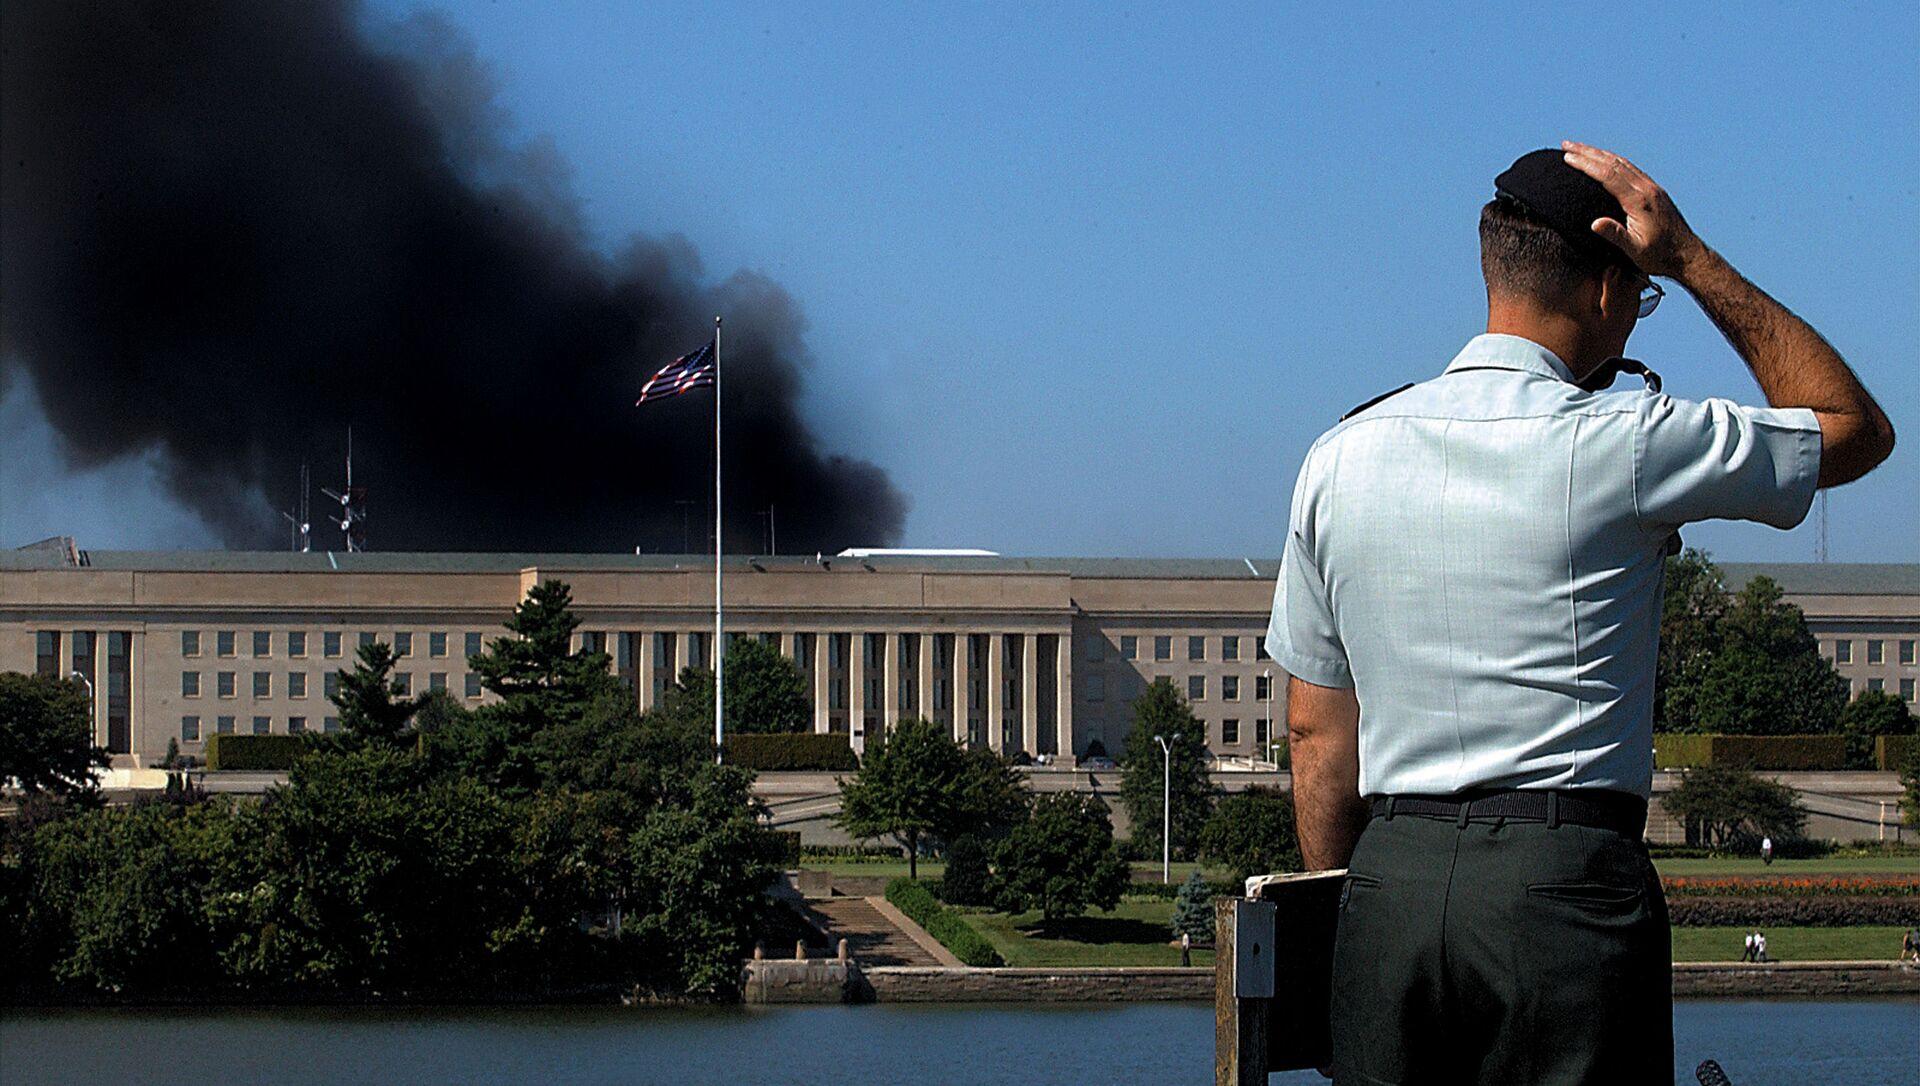 Сотрудник у здания Пентагона после теракта 11 сентября, США - Sputnik Абхазия, 1920, 06.09.2021